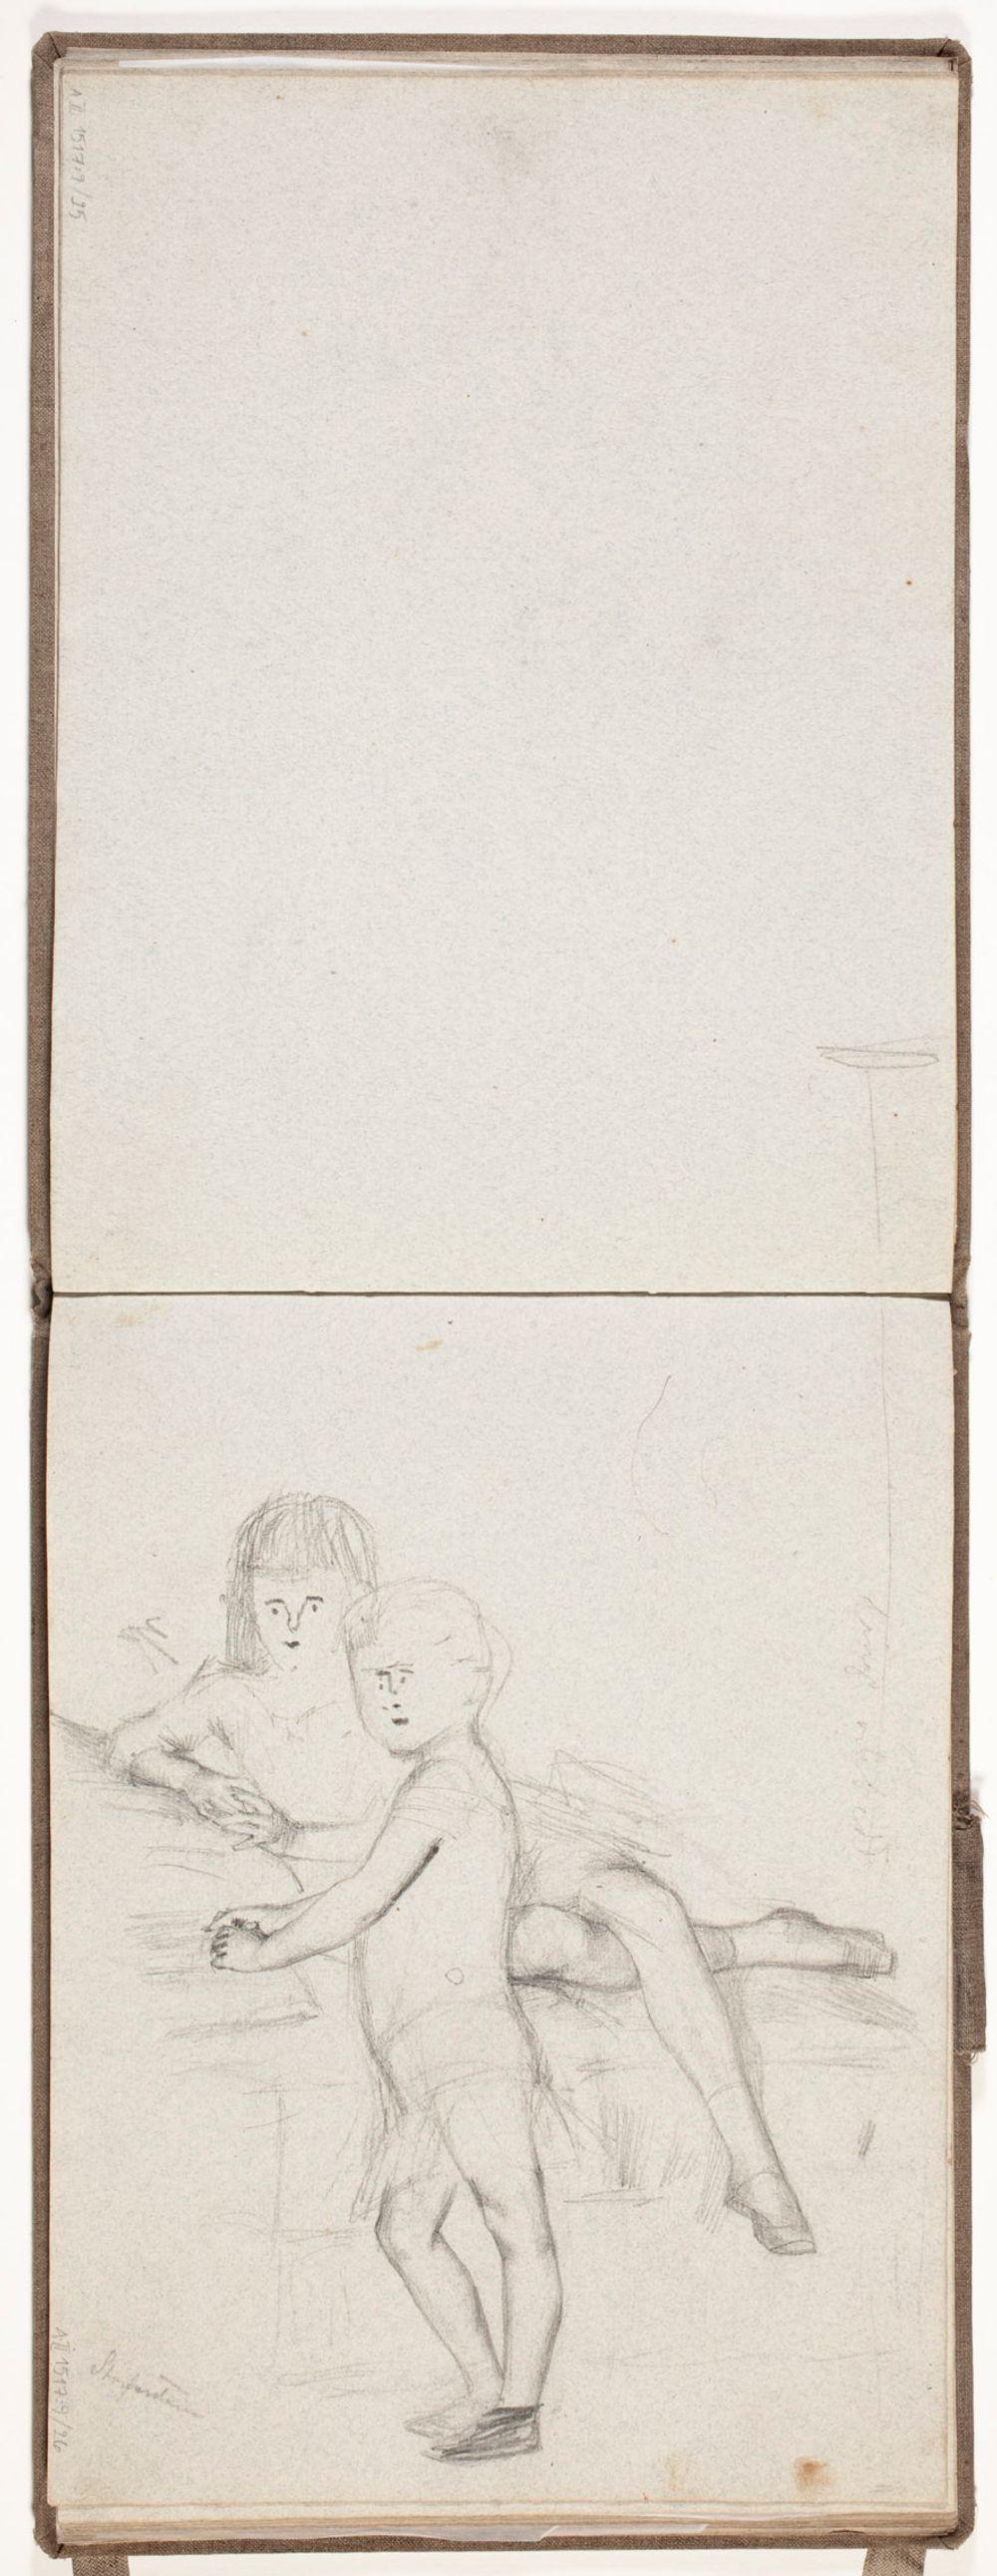 Aleksanteri III :n lapset Mihail ja Ksenia, luonnos